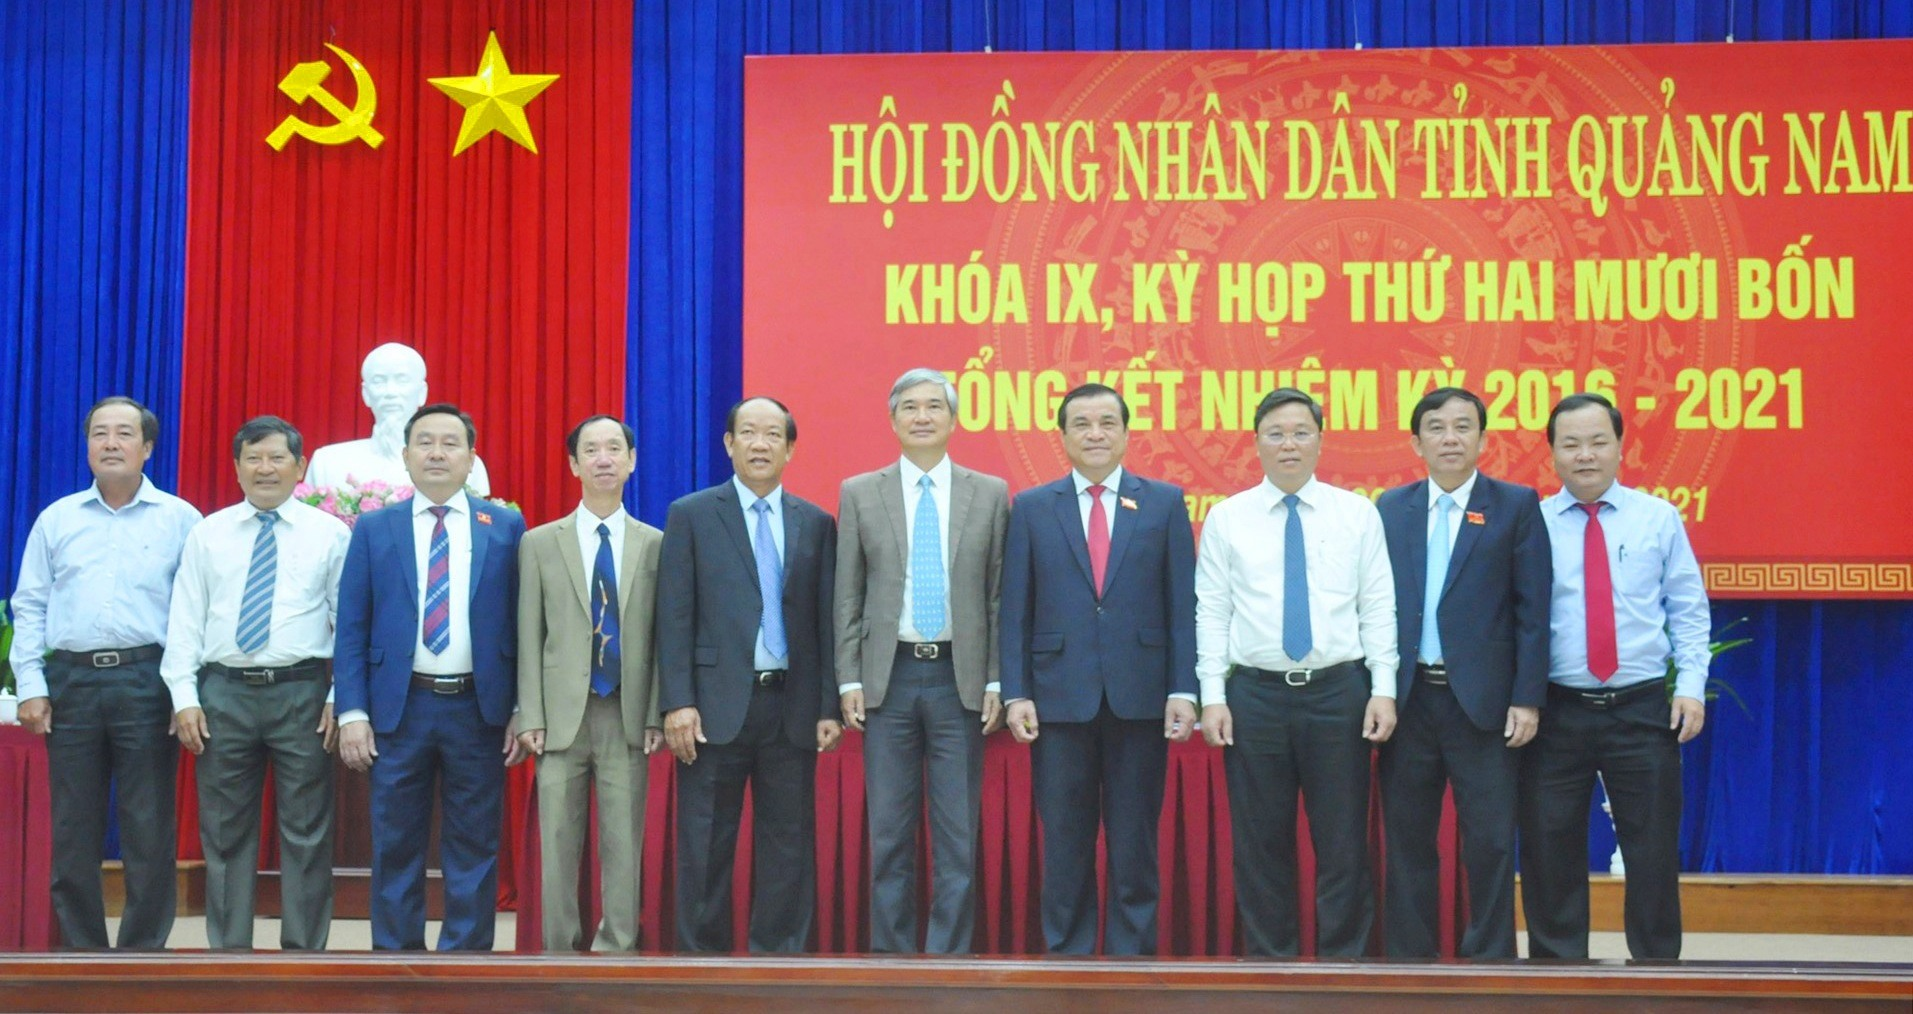 Các đại biểu dự Kỳ họp thứ 24 chụp hình lưu niệm với các đồng chí Thường trực HĐND tỉnh khóa IX. Ảnh: N.Đ